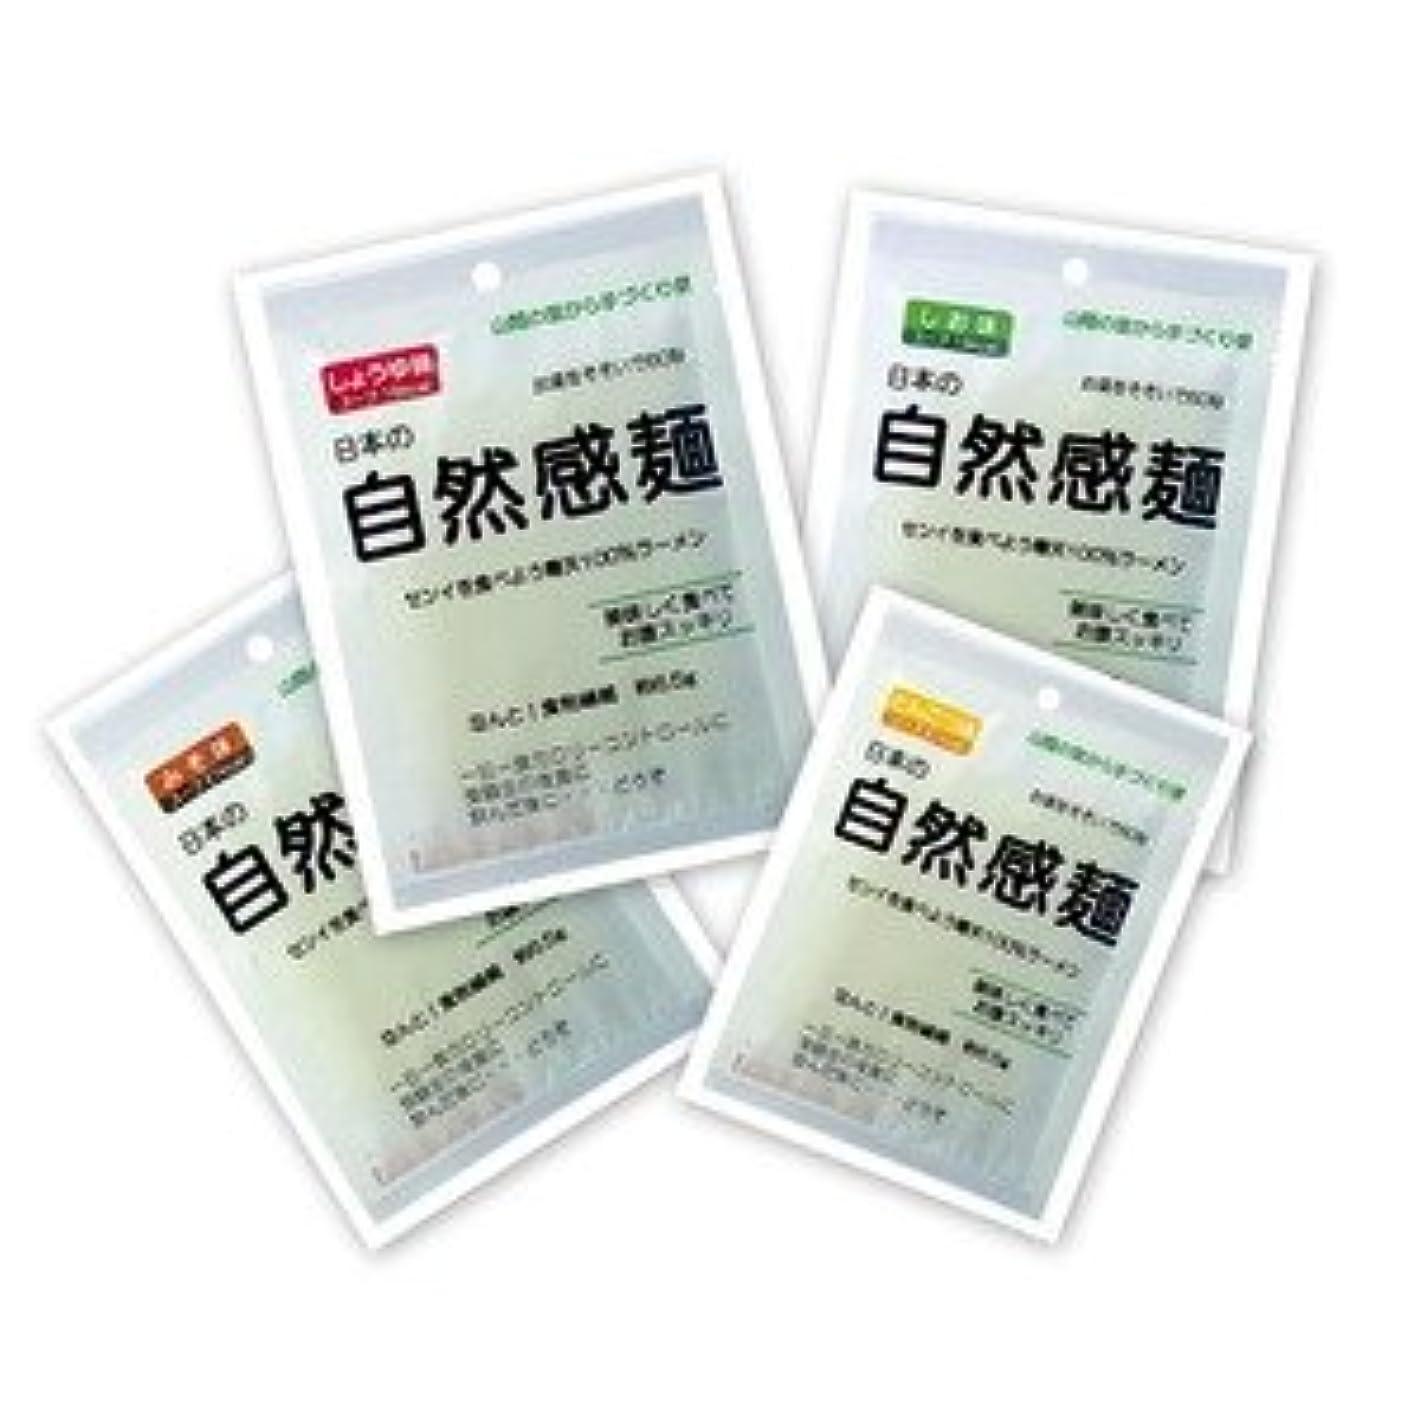 過度の仲間電化する自然寒天ラーメン/ダイエット食品 【4味5食セット】 しょうゆ味?みそ味?しお味?とんこつ味 日本製